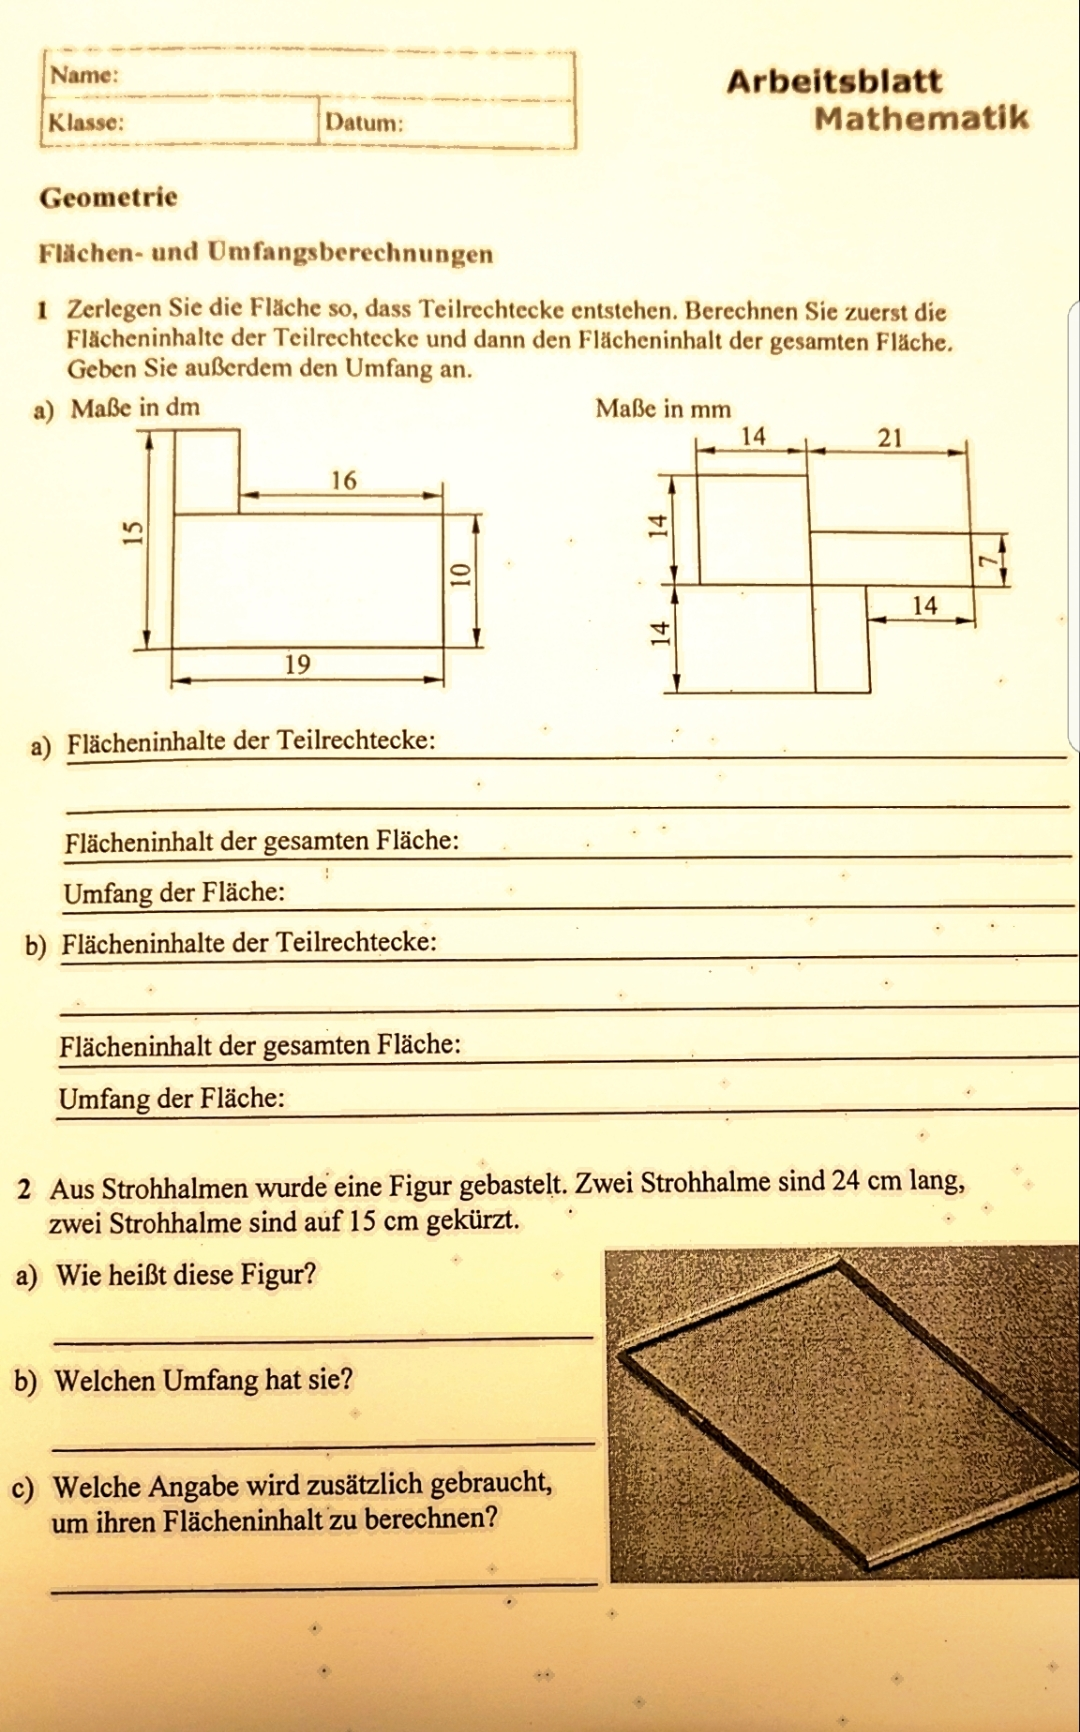 Bist du gut in Mathe?hilfee? (Schule, Rechenaufgabe)